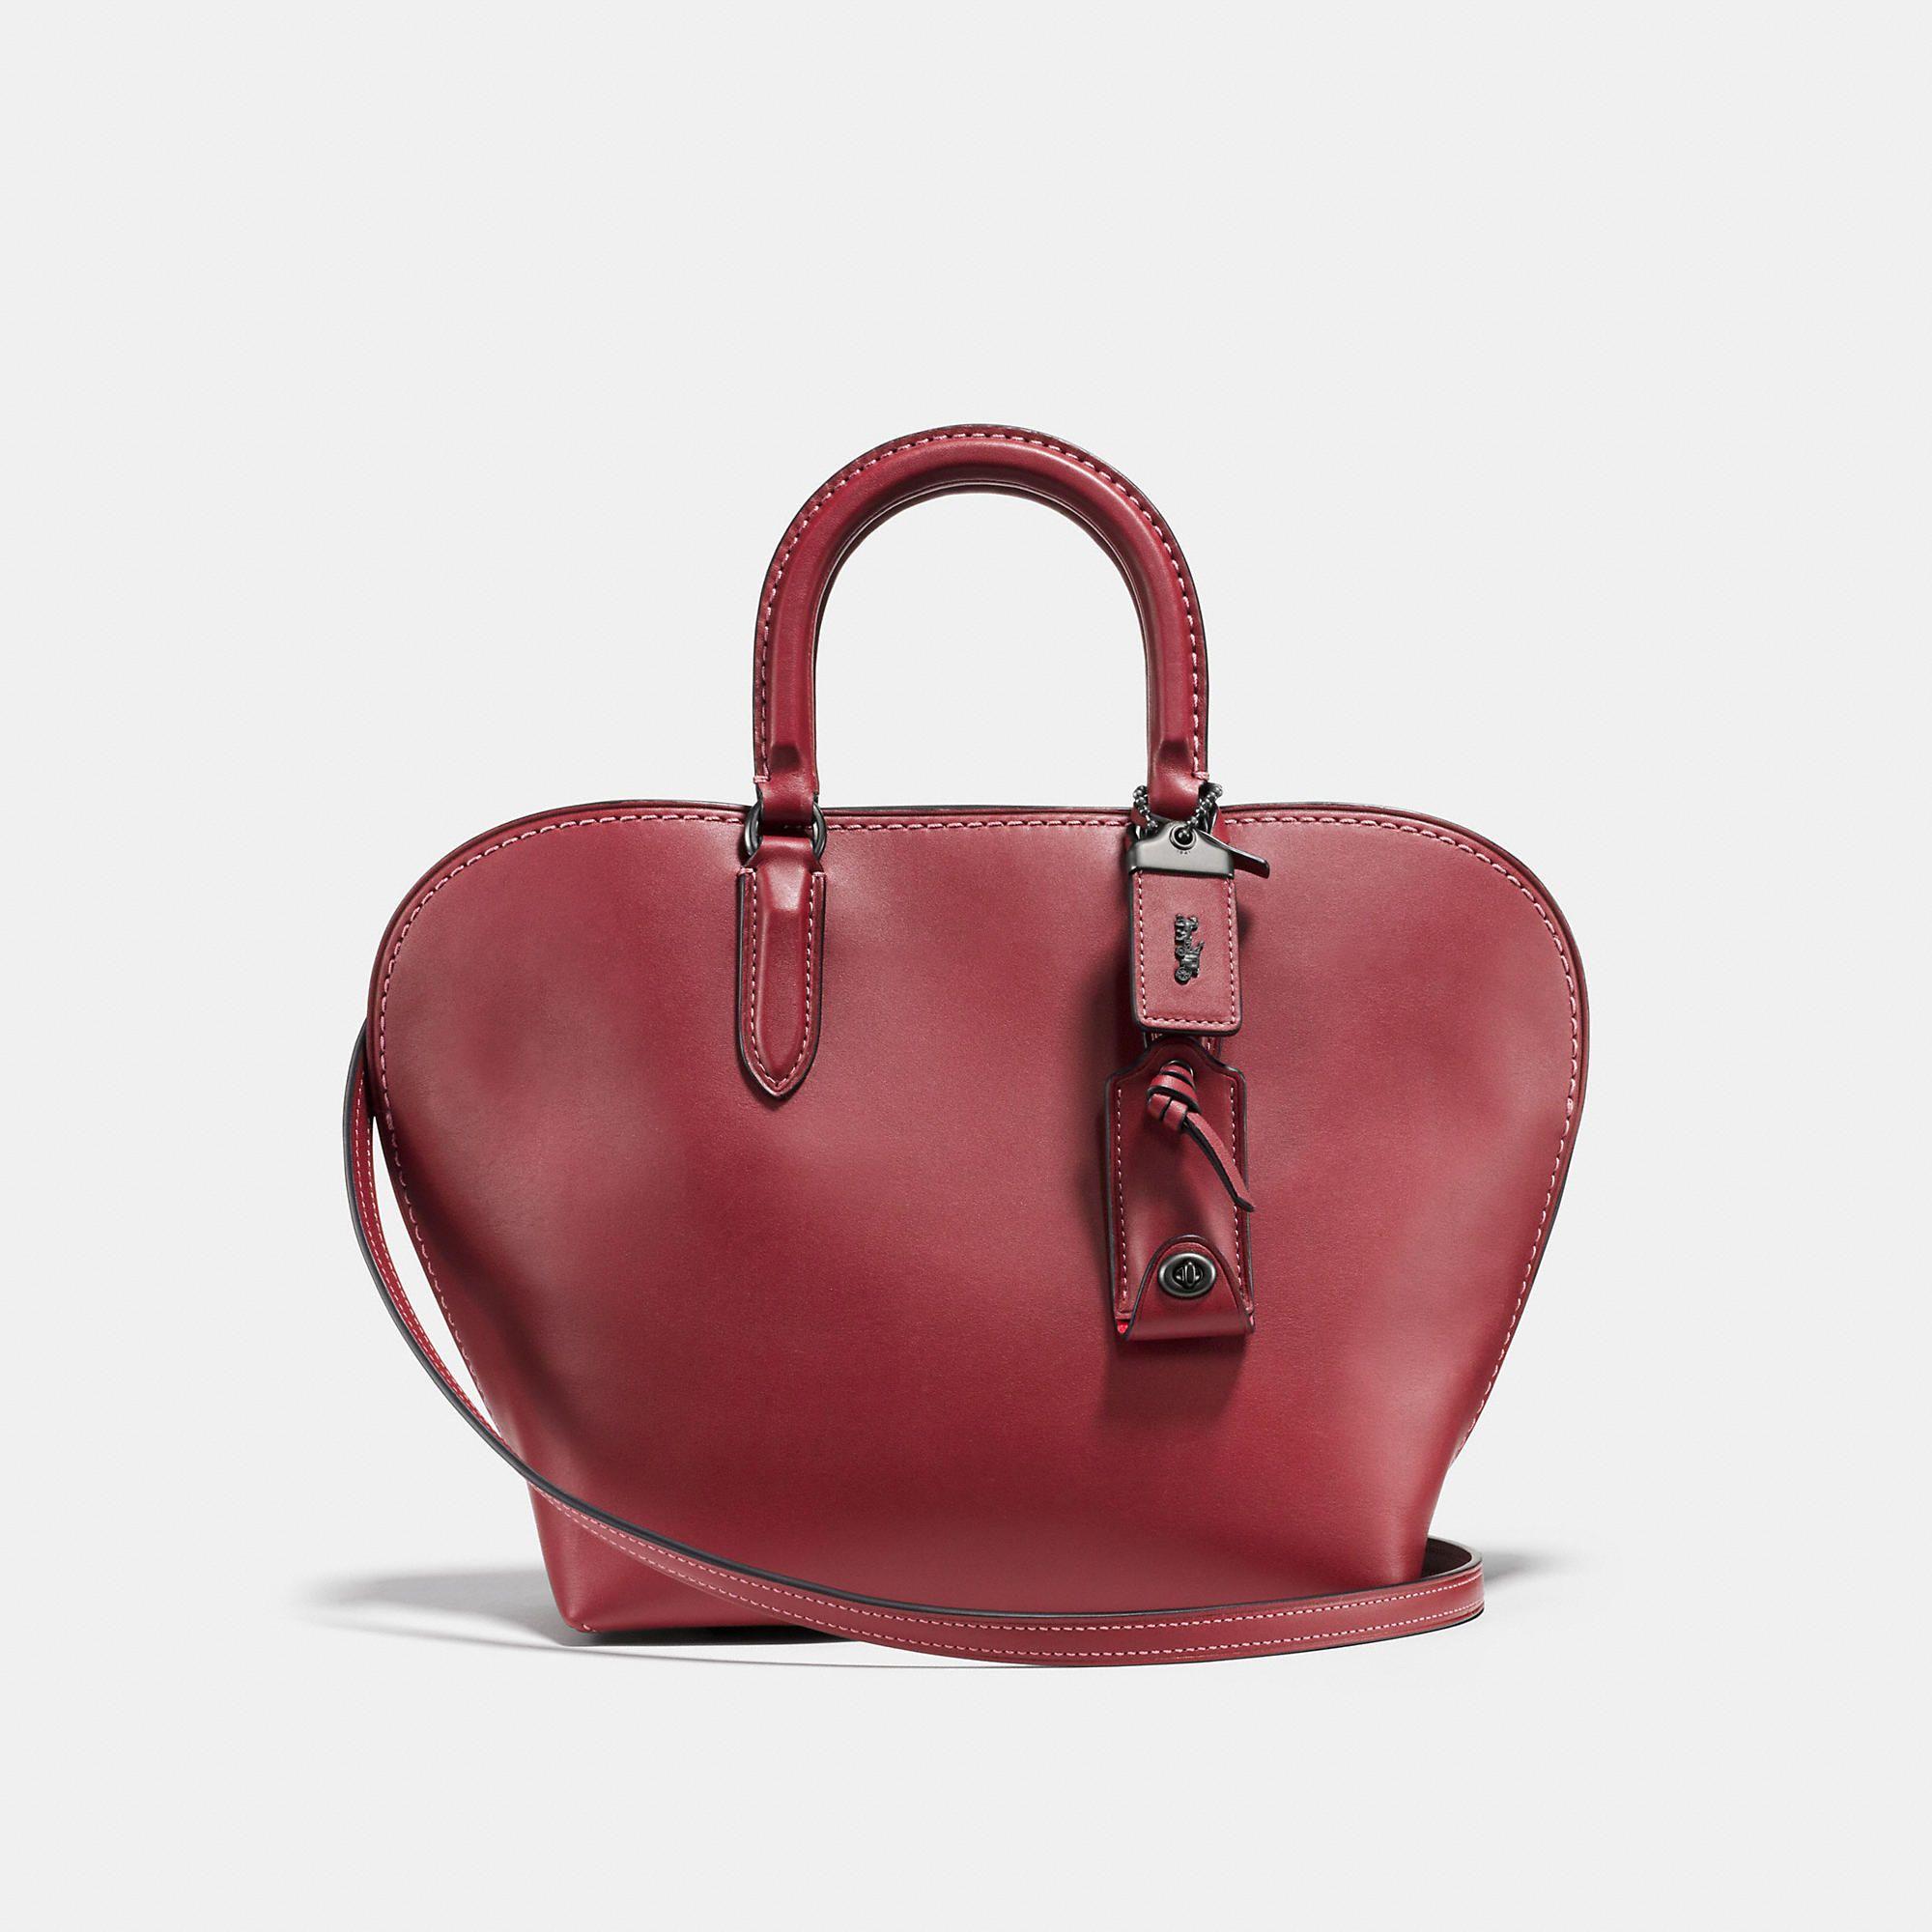 COACH COACH DAKOTAH SATCHEL 22. #coach #bags #shoulder bags #hand bags #leather #satchel #lining #